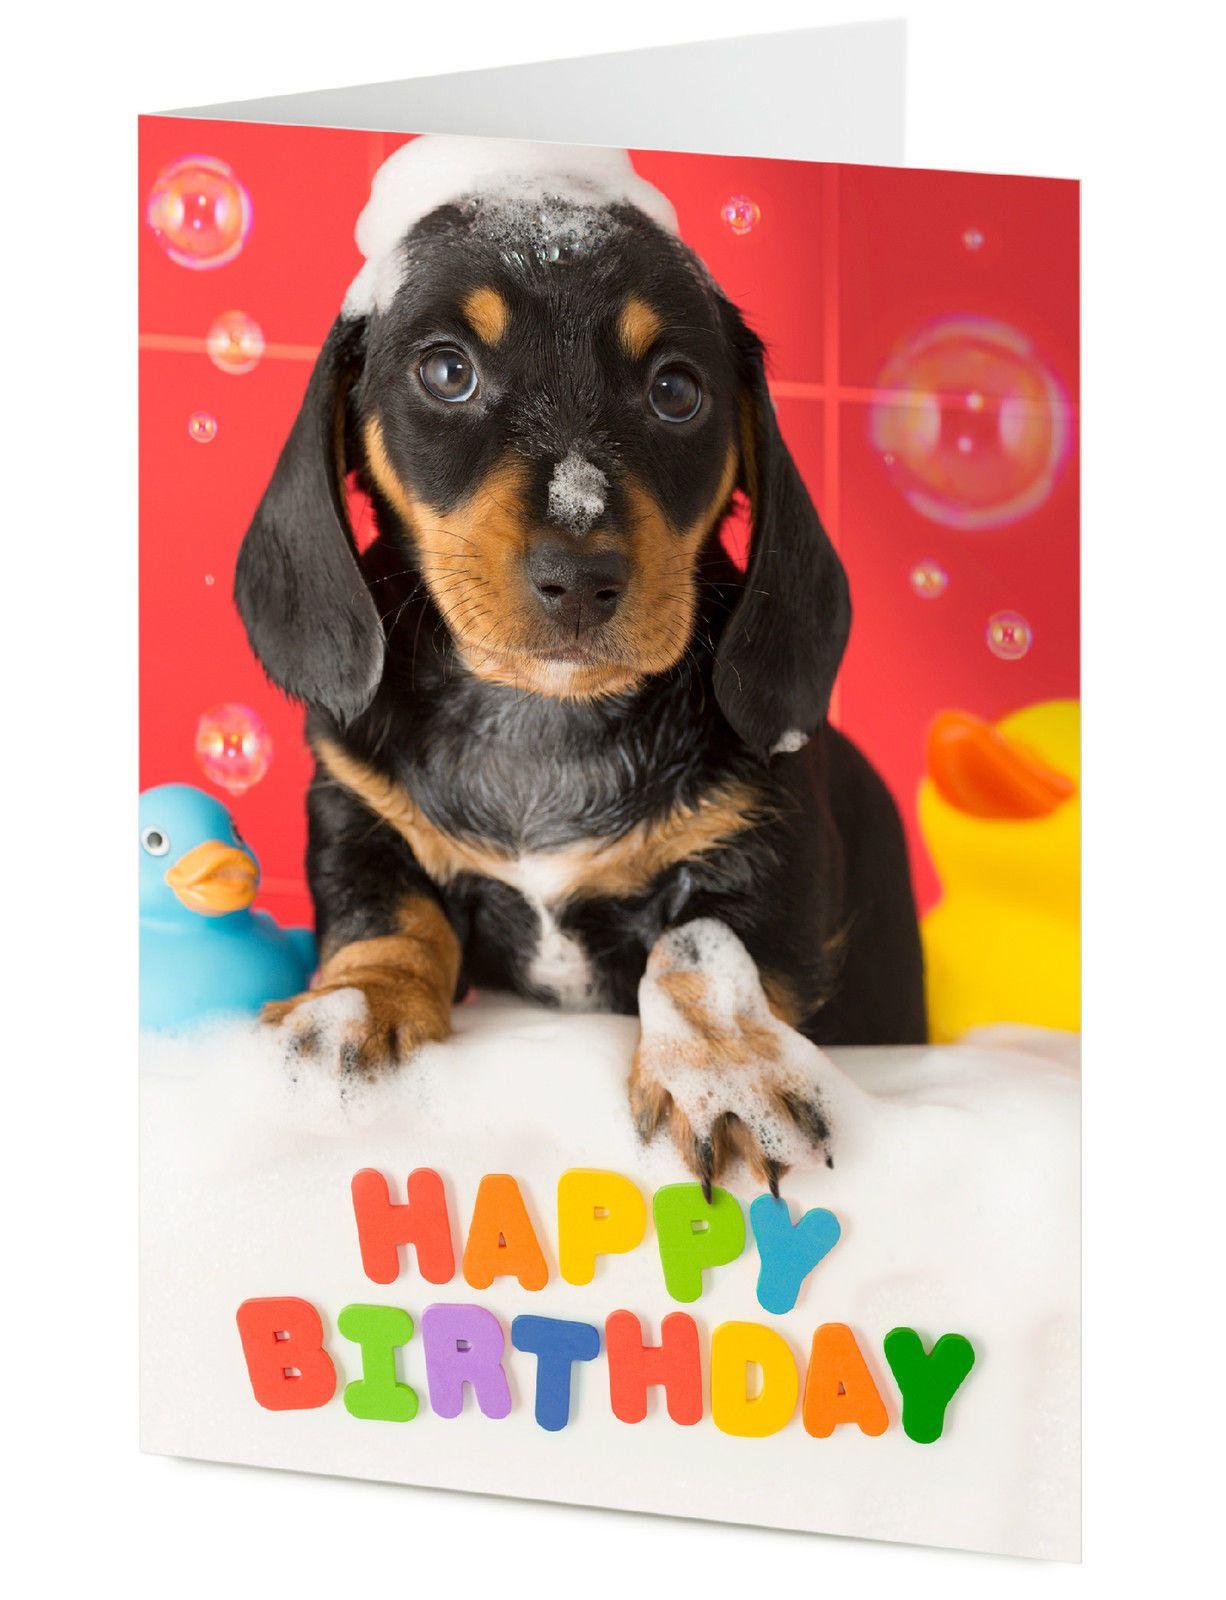 3 Gbp Happy Birthday Dachshund Puppy Dog Birthday Card Ebay Home